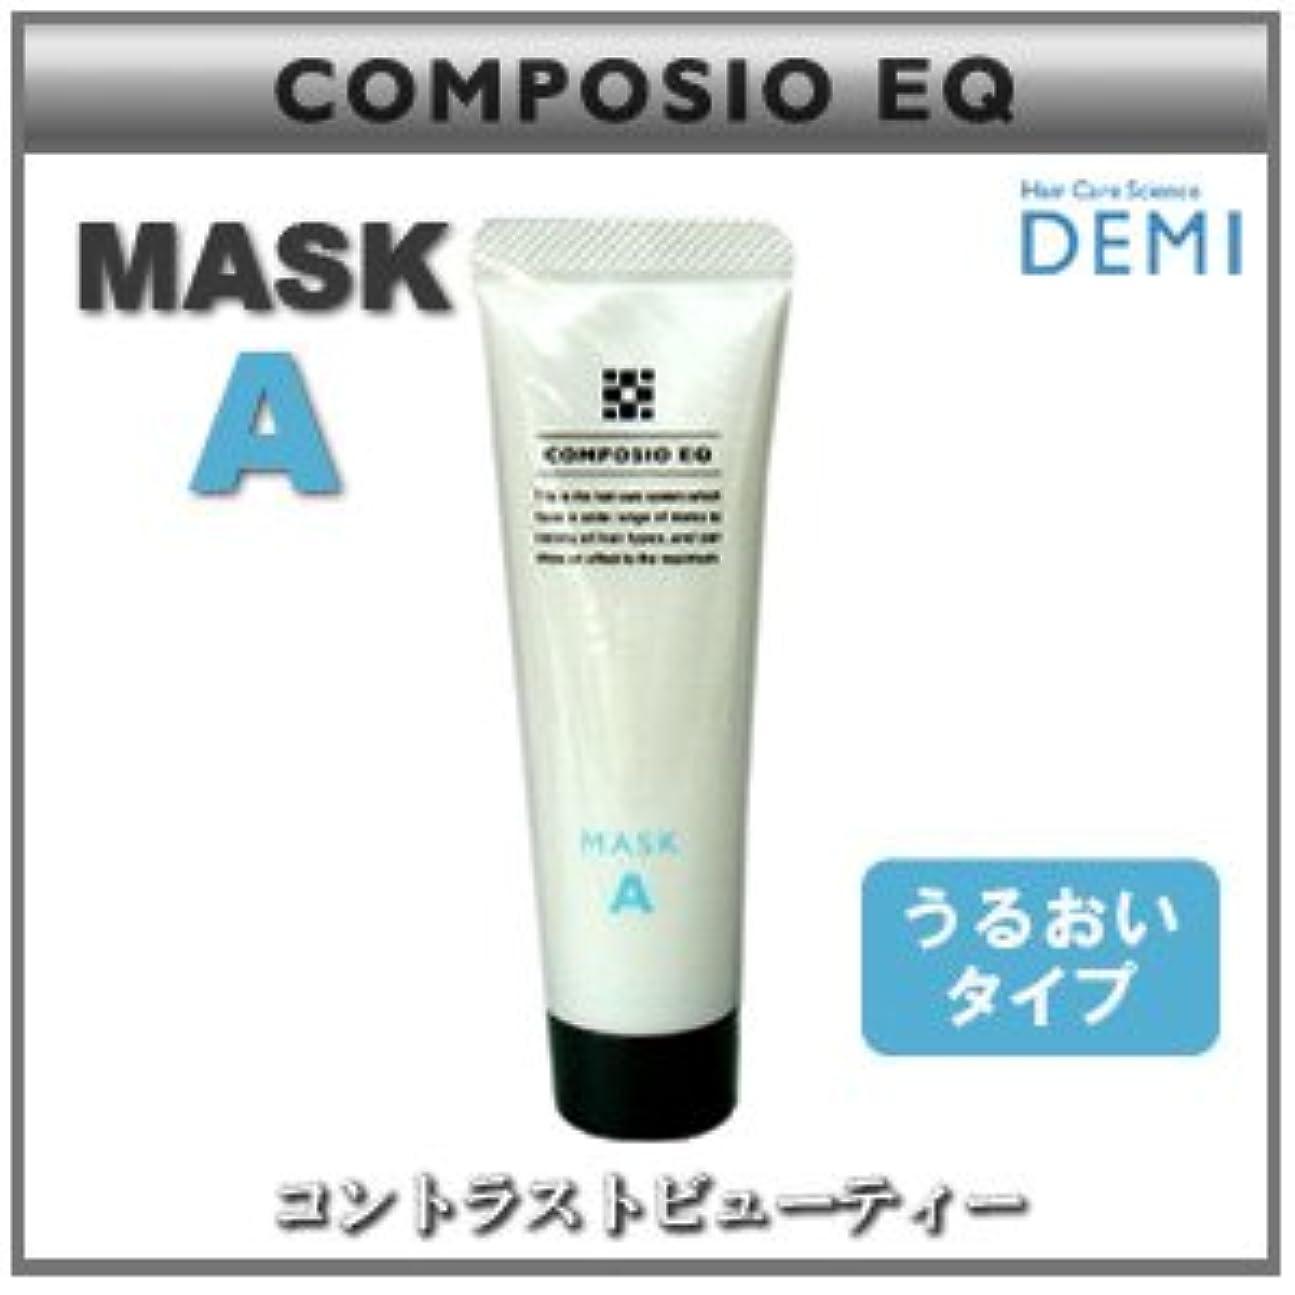 リマイル自己【X2個セット】 デミ コンポジオ EQ マスク A 50g